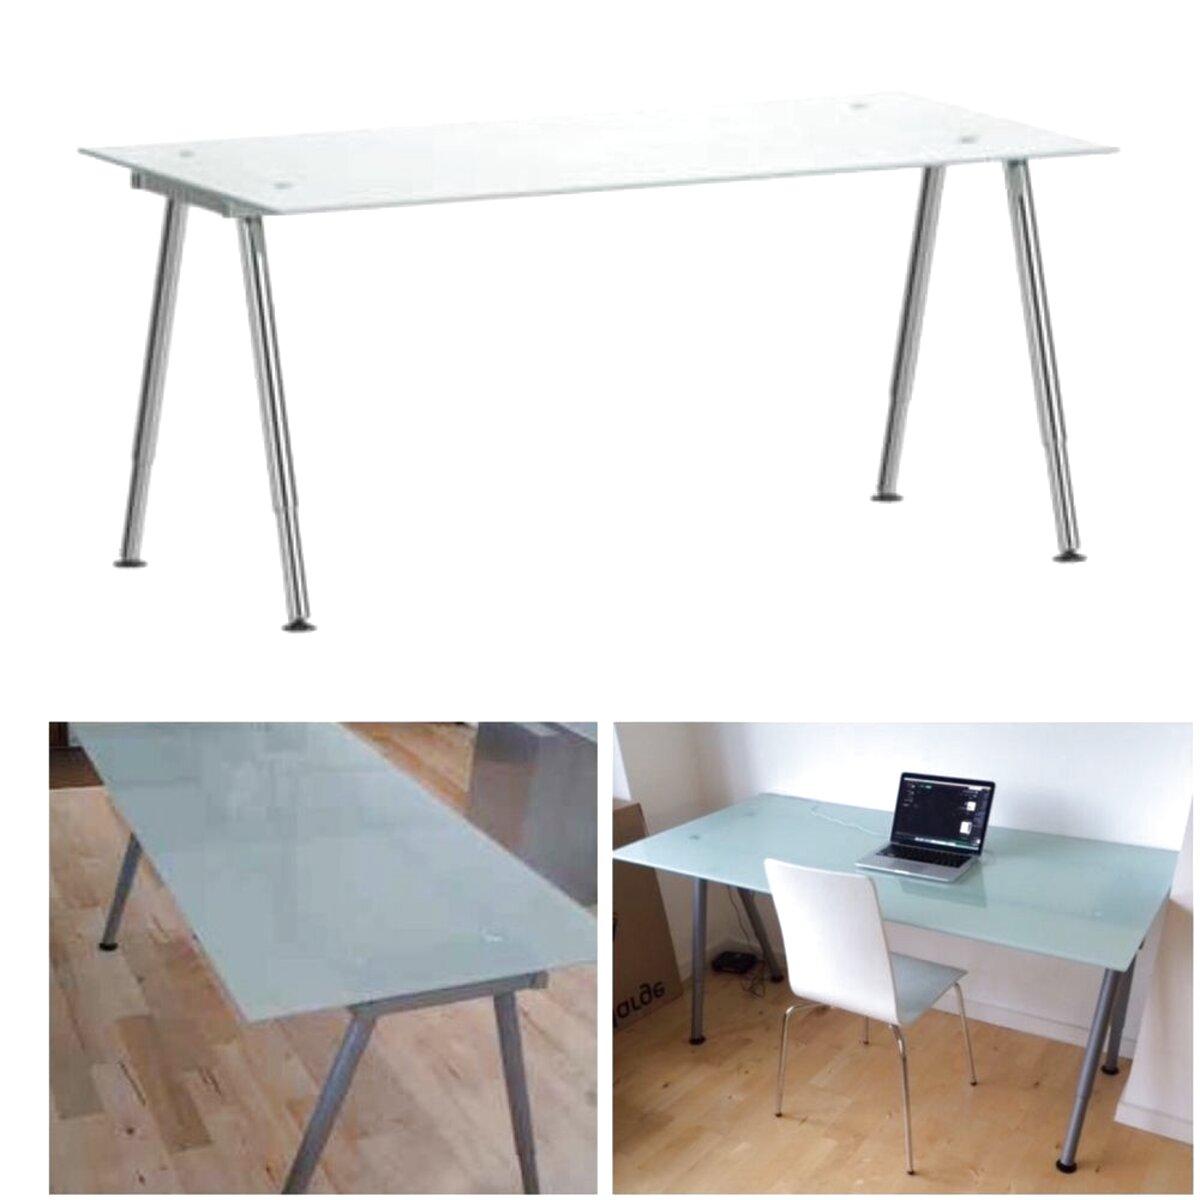 Scrivania Con Cassettiera Ikea ikea scrivania vetro